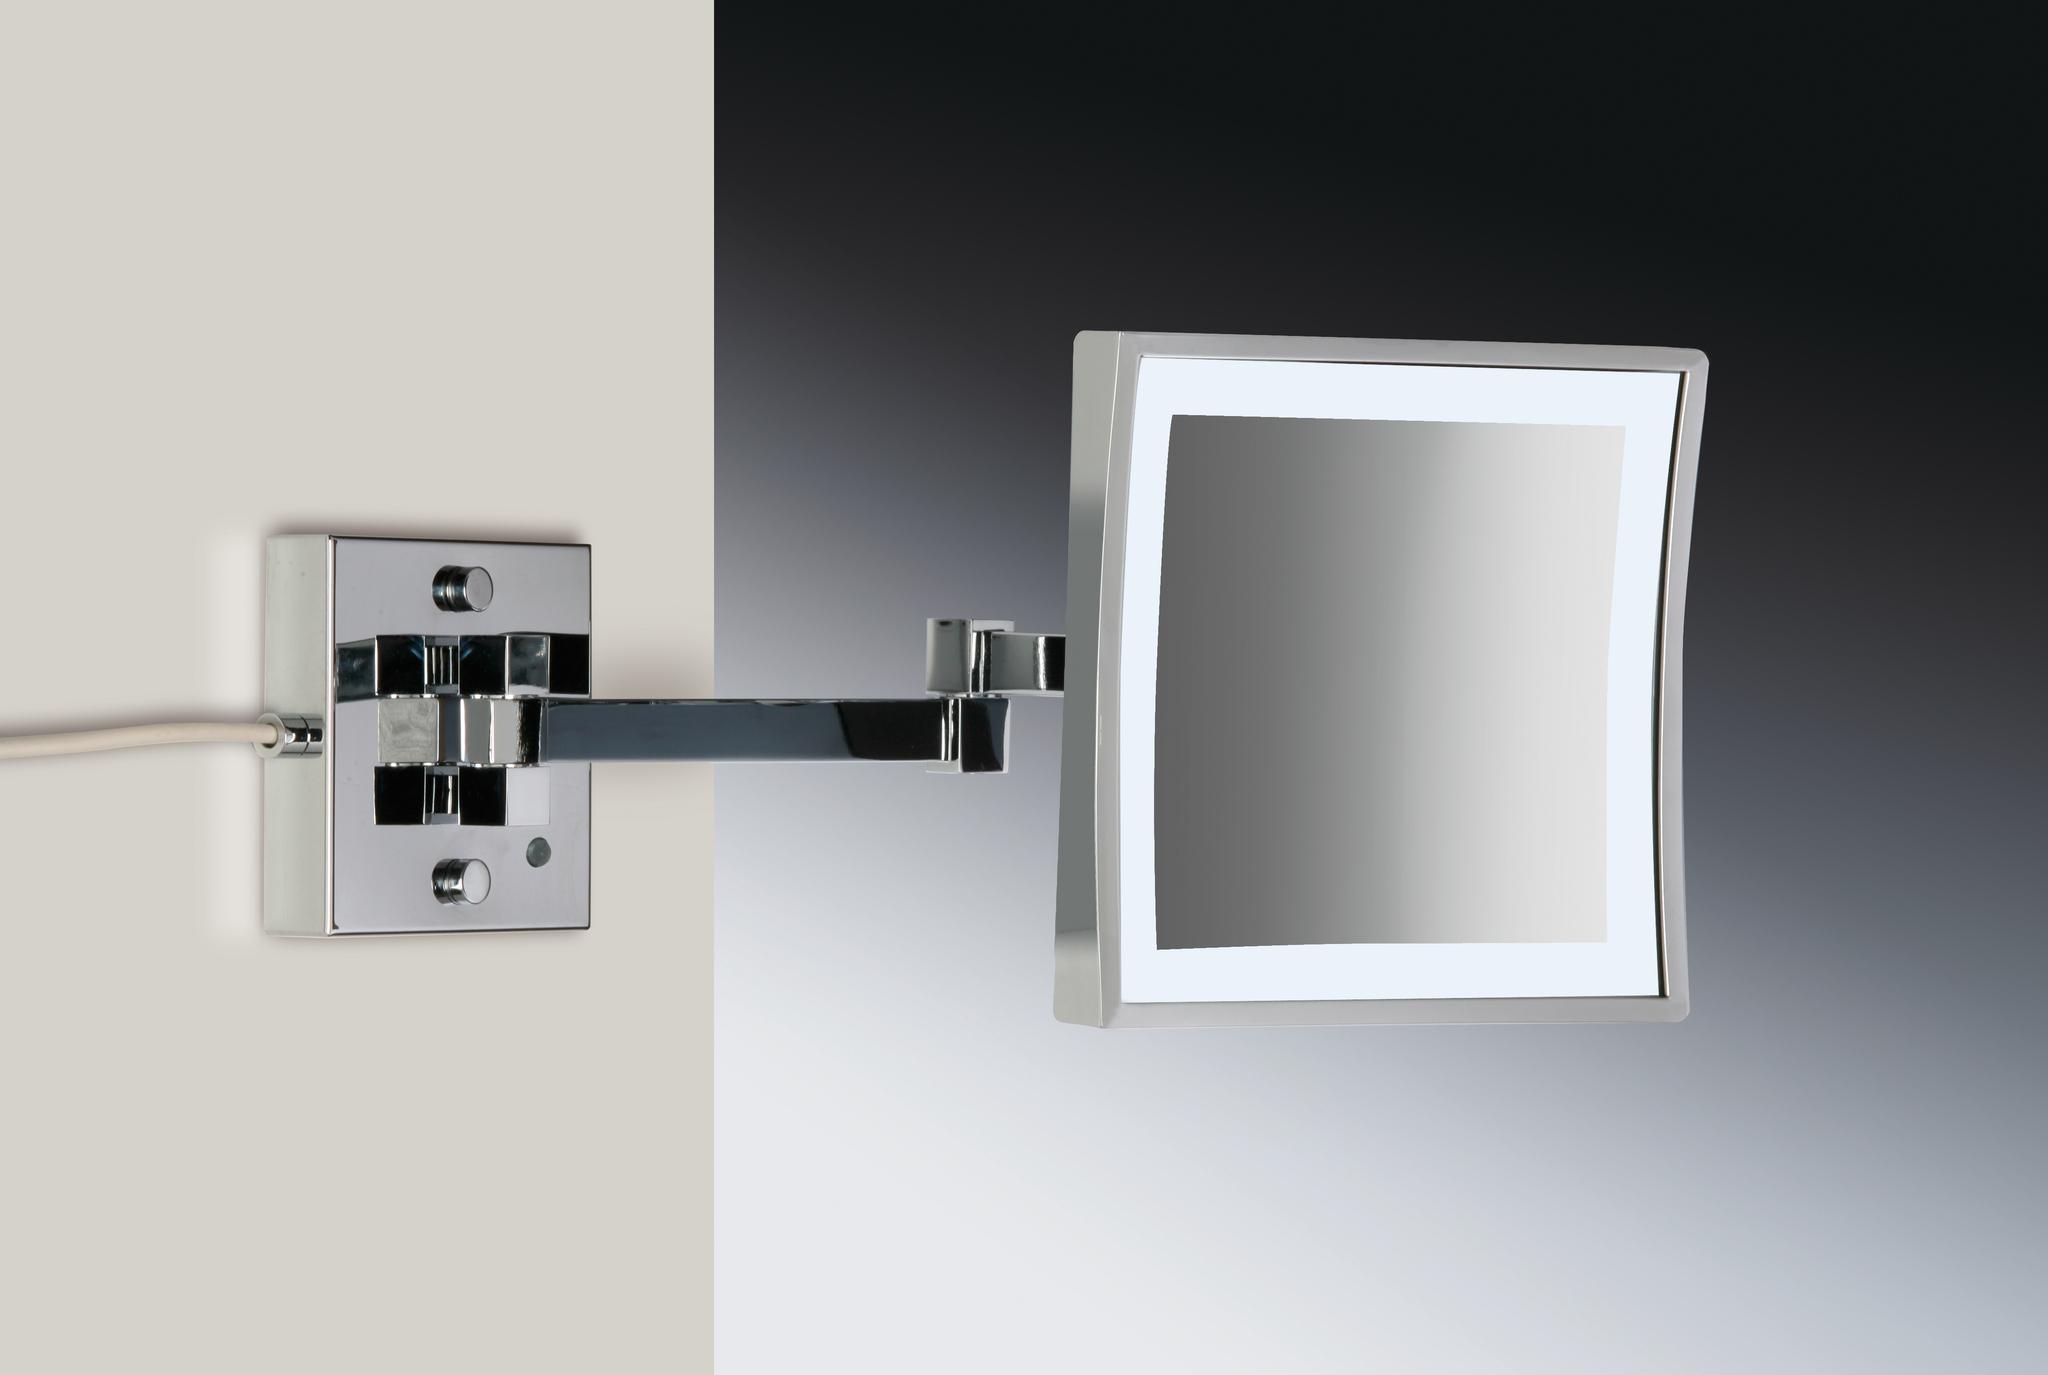 Зеркала Зеркало косметическое Windisch 99867/2CR 3XD elitnoe-zerkalo-kosmeticheskoe-998672-ot-windisch-ispaniya.jpg